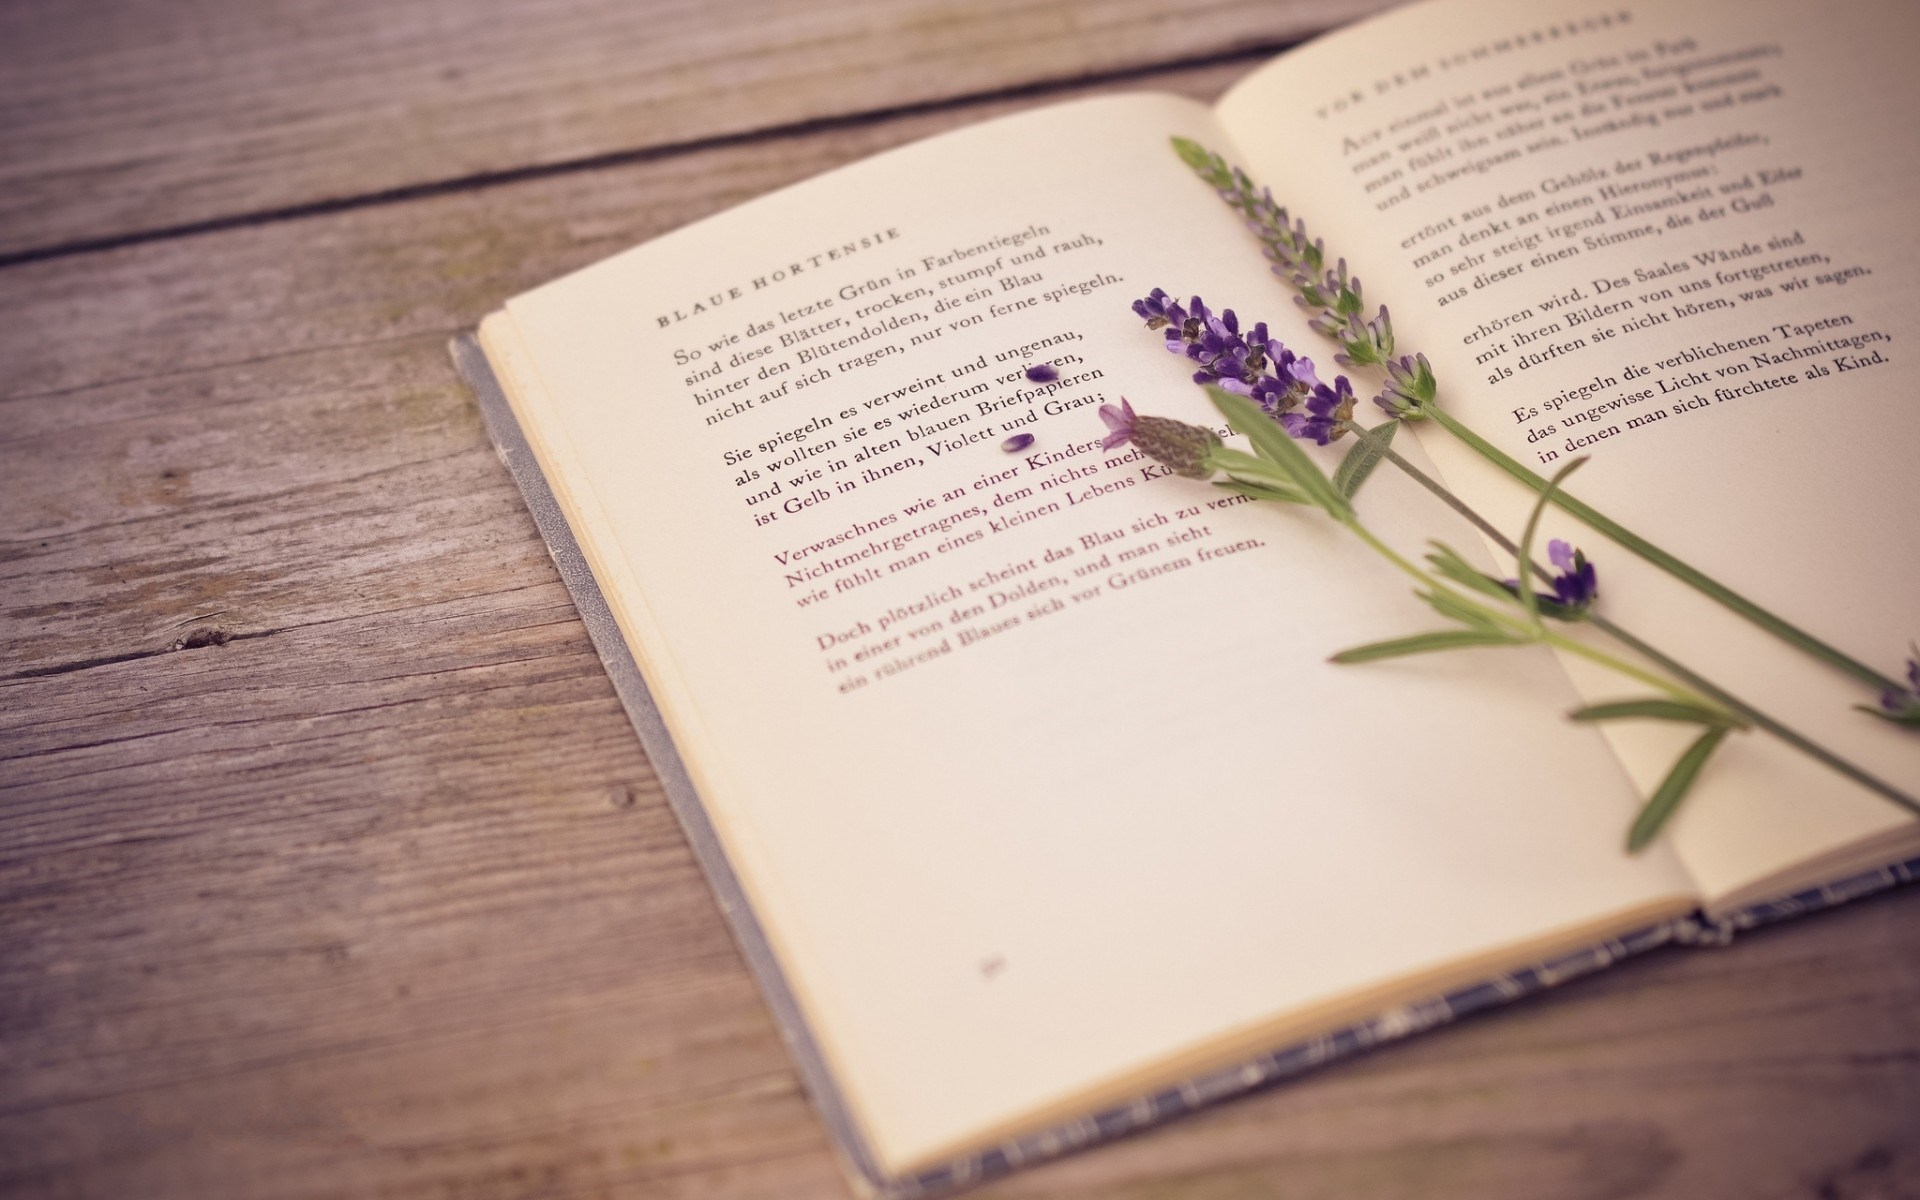 30 cuốn sách truyền cảm hứng và thay đổi cuộc đời bạn (phần 3)